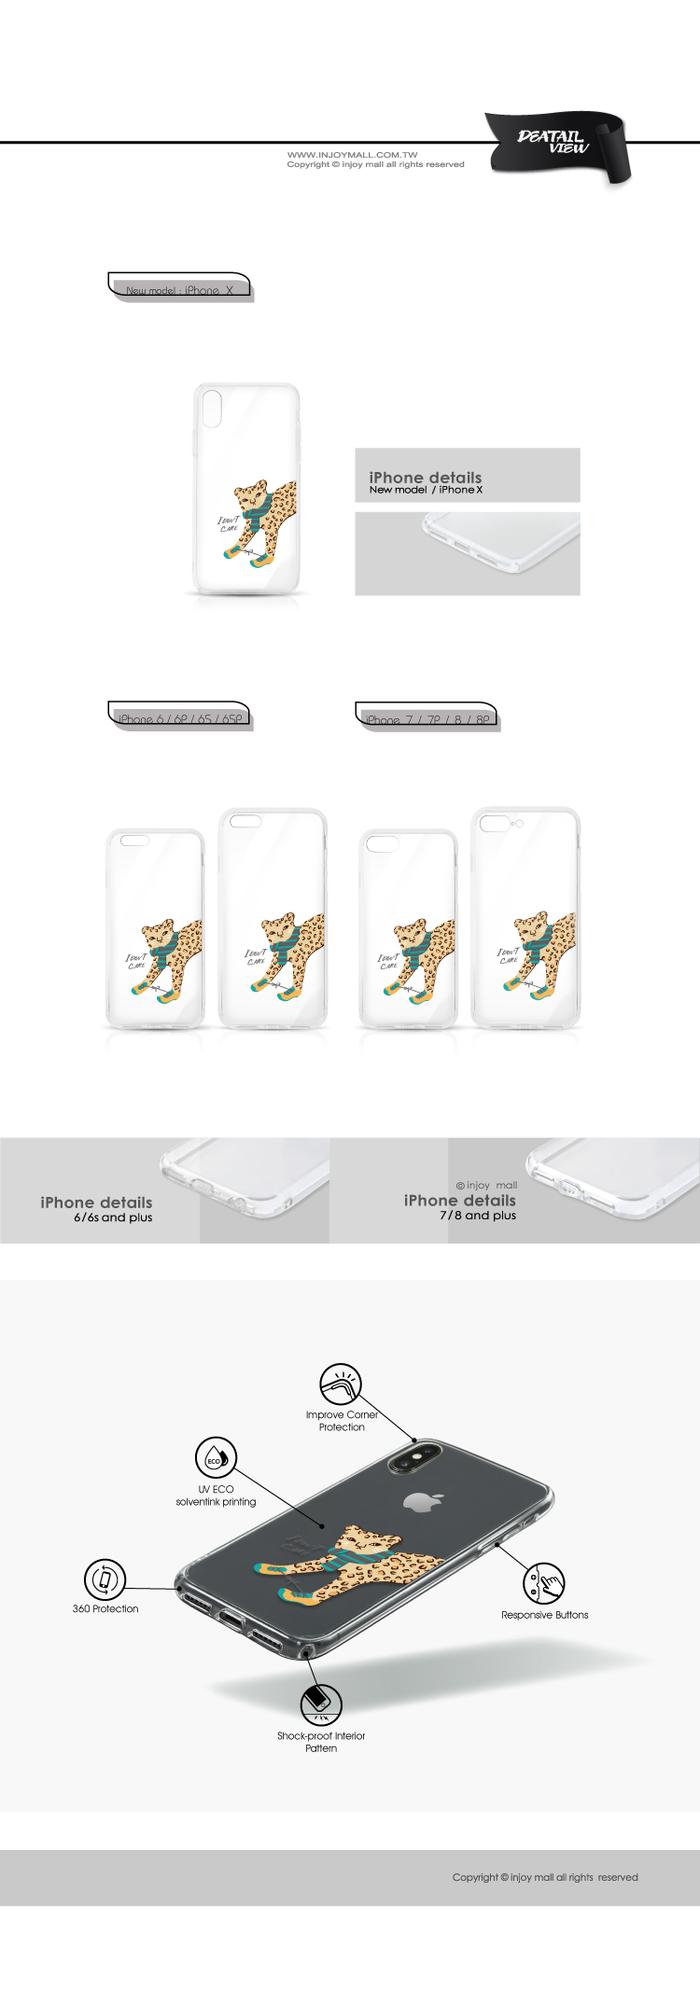 (複製)INJOY mall|iPhone 7 / 8 / Plus / X  系列 嘻哈搖滾唱片皮革手機殼 保護殼 (焦糖色)